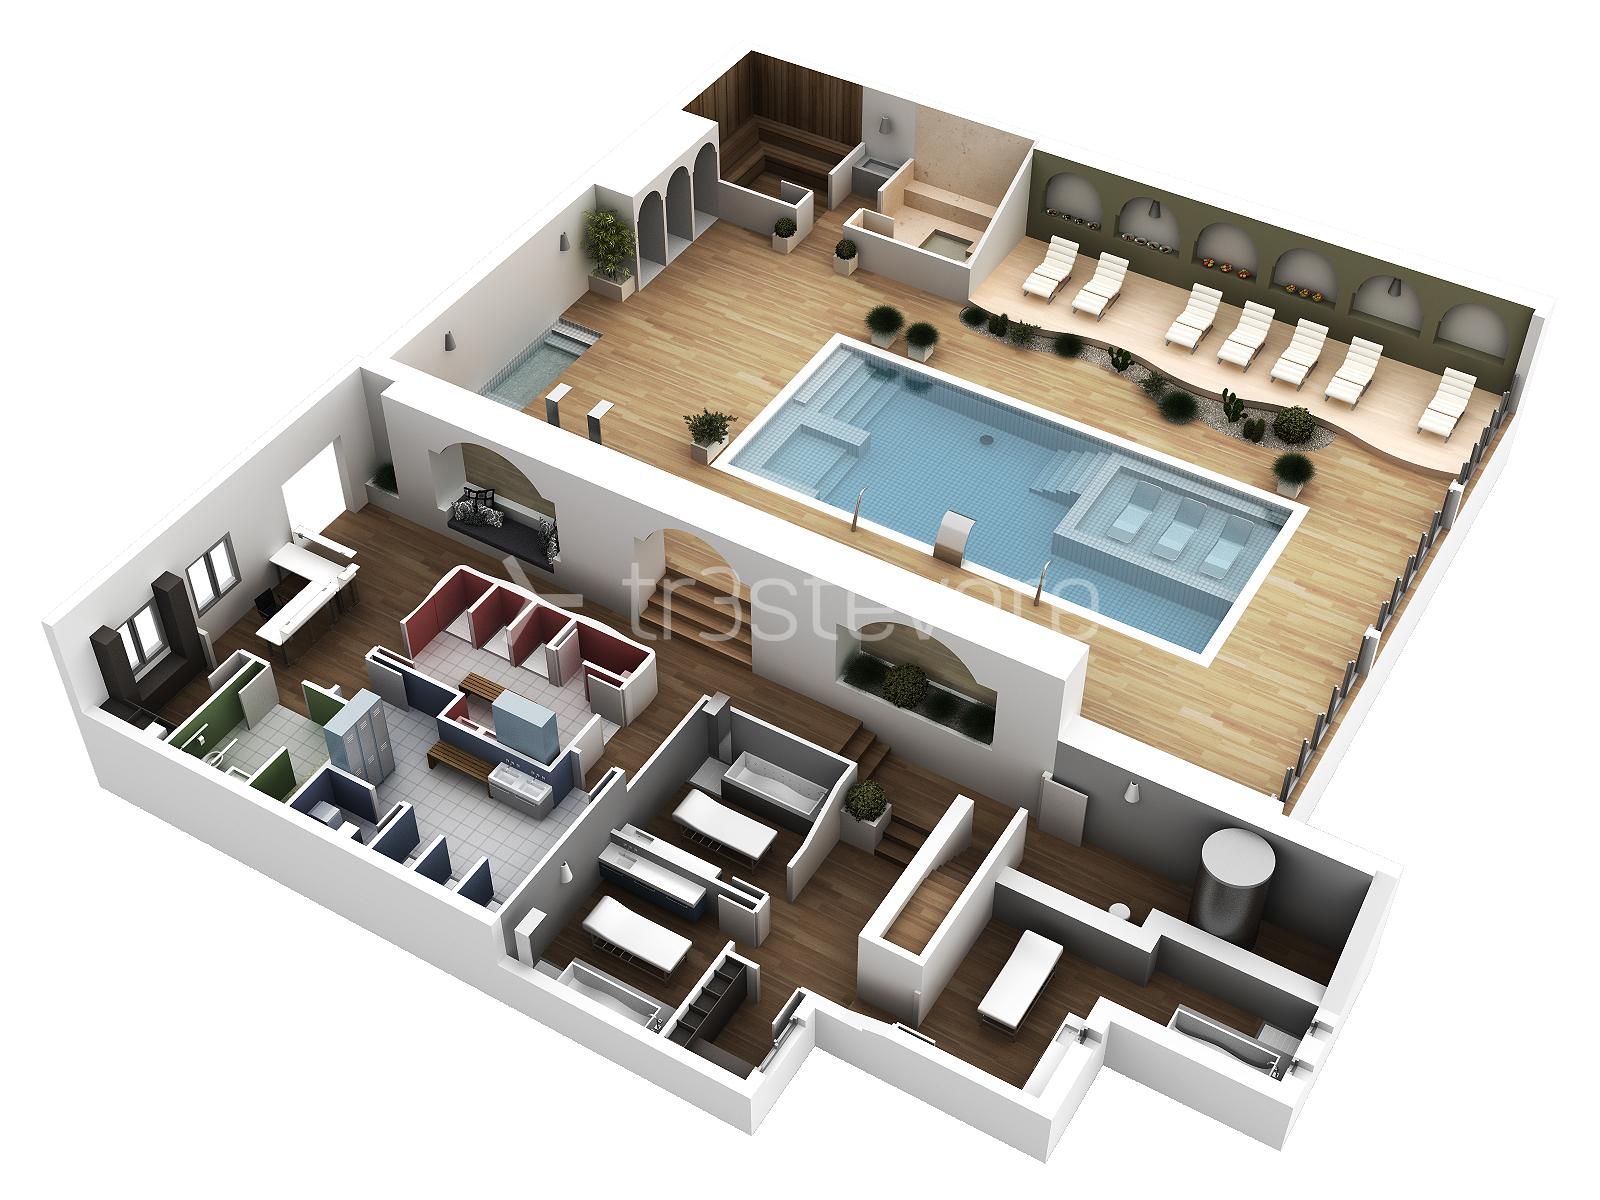 Planos arquitect nicos trest vere blog infografia 3d for Hacer planos 3d